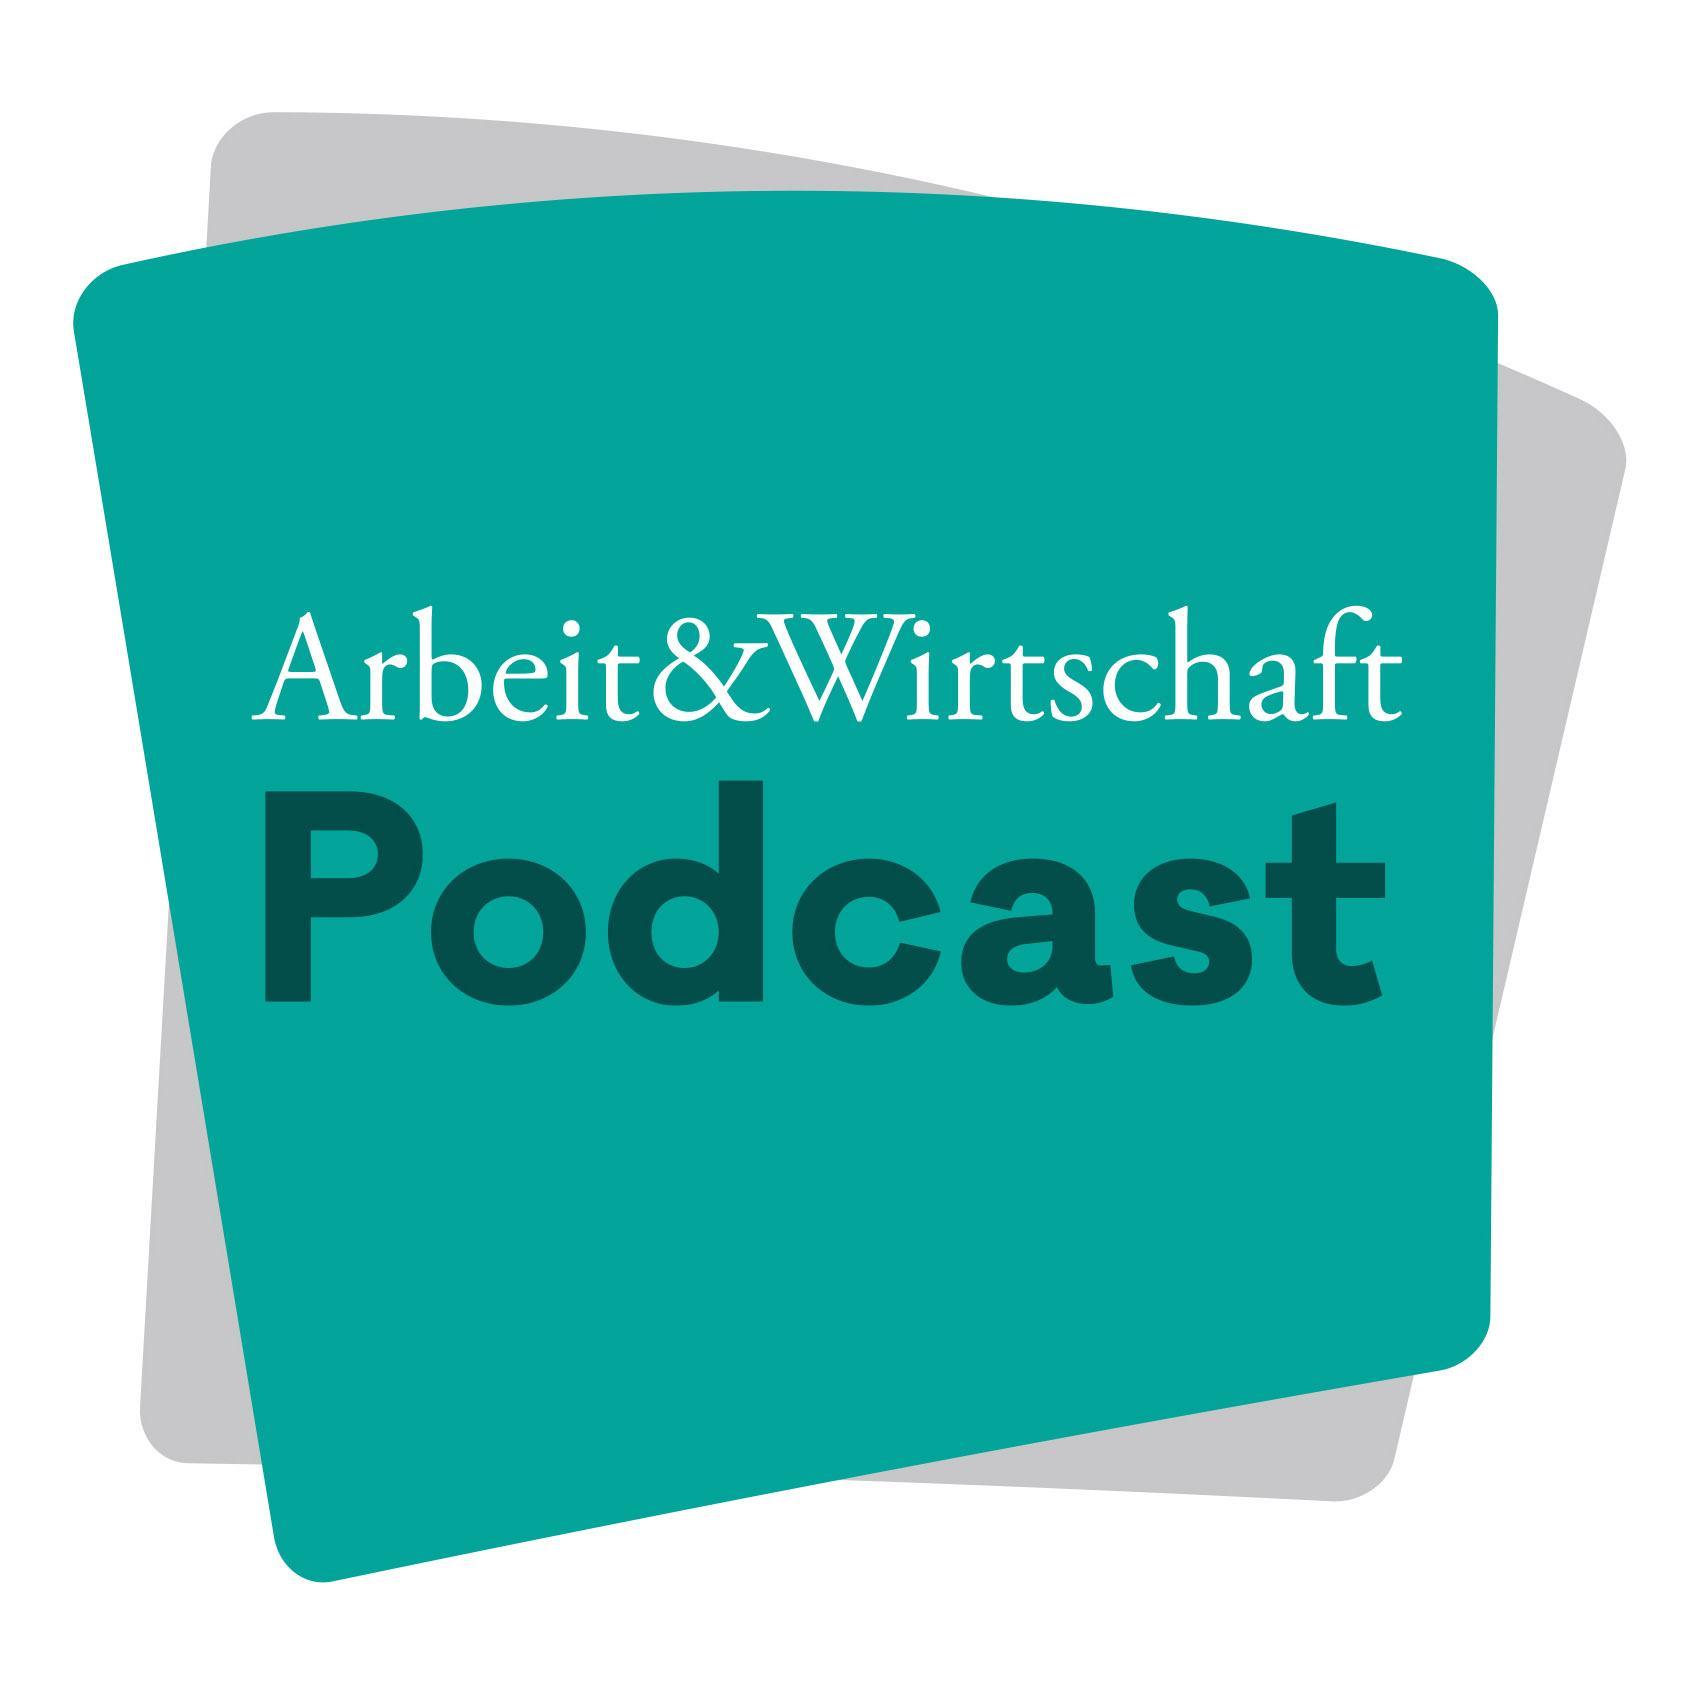 Podcast - Arbeit&Wirtschaft Podcast